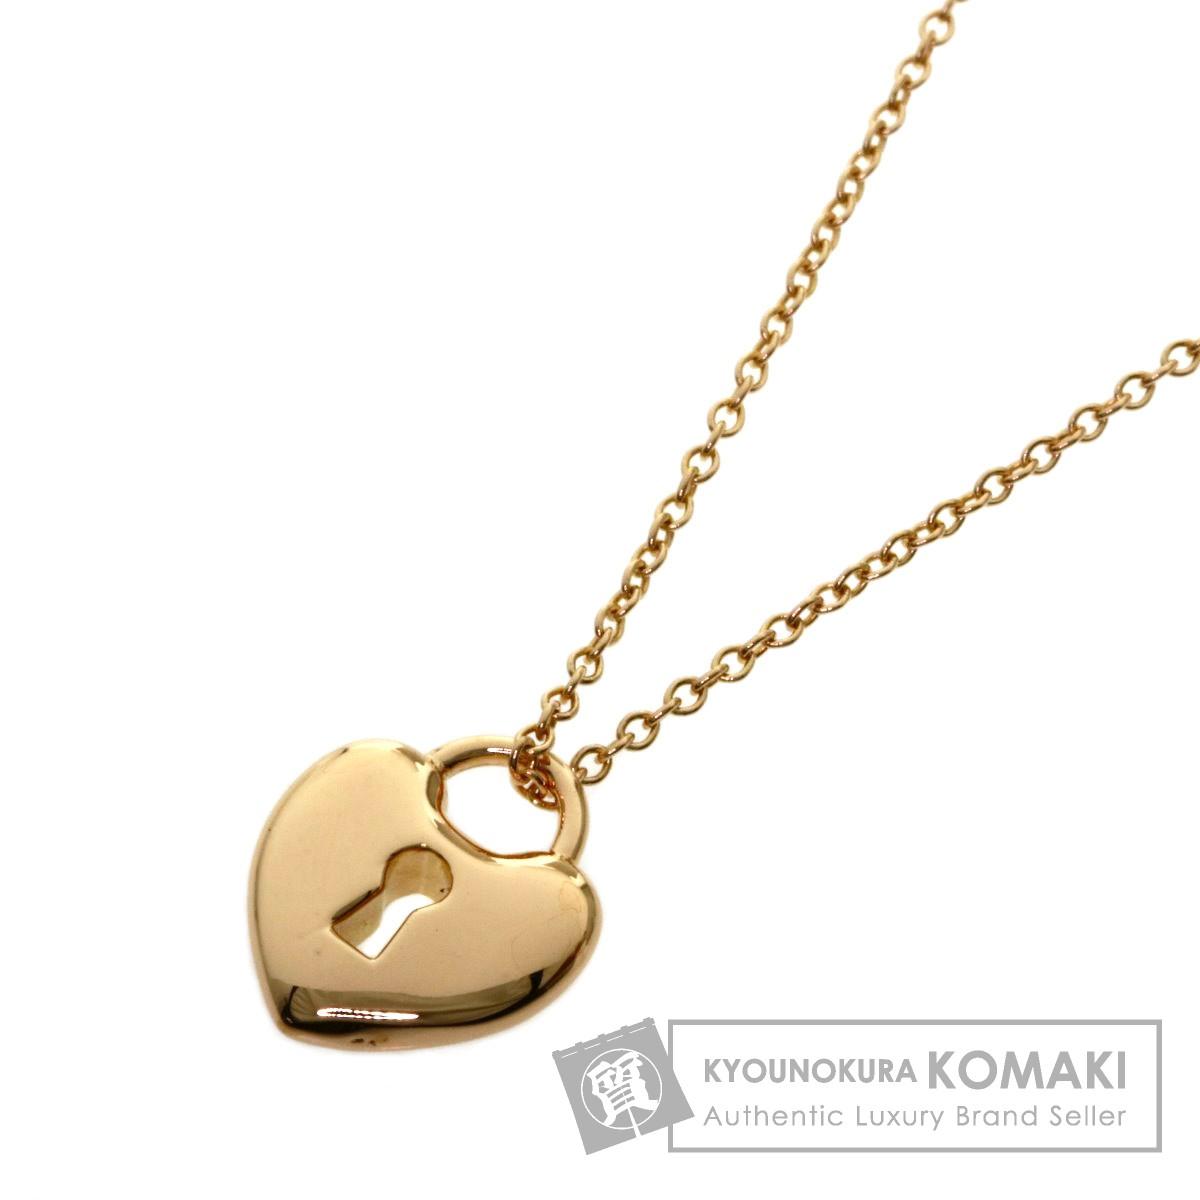 ティファニー ハートロック ネックレス K18ピンクゴールド レディース 【中古】【TIFFANY&Co.】